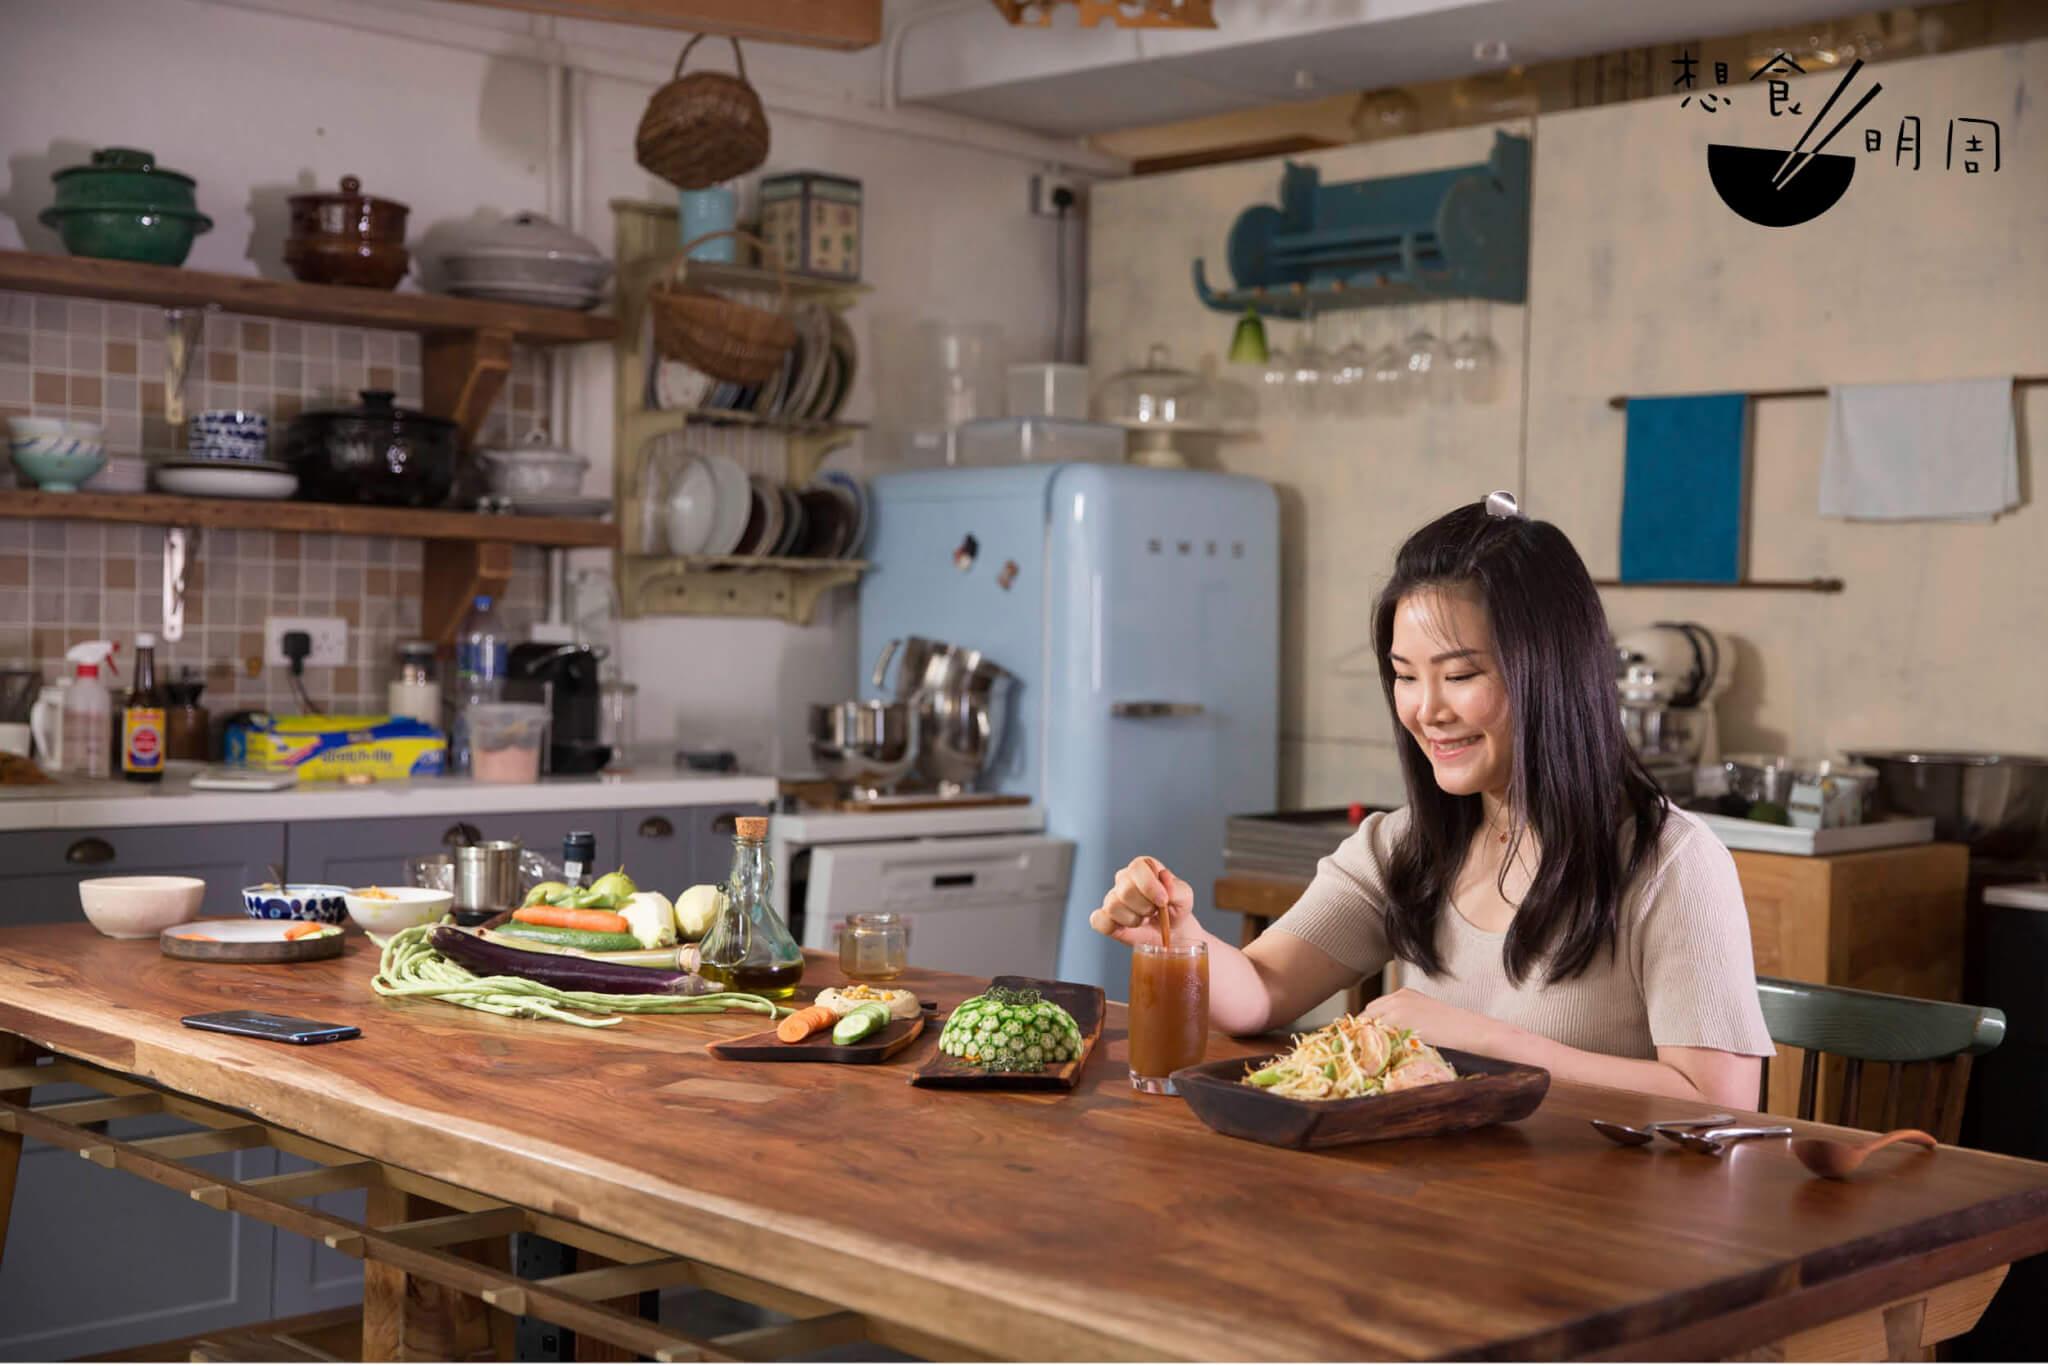 烹飪導師Susu平日主要製作包點,今次就嘗試用本地食材,透過簡易做法炮製成各類餐點。